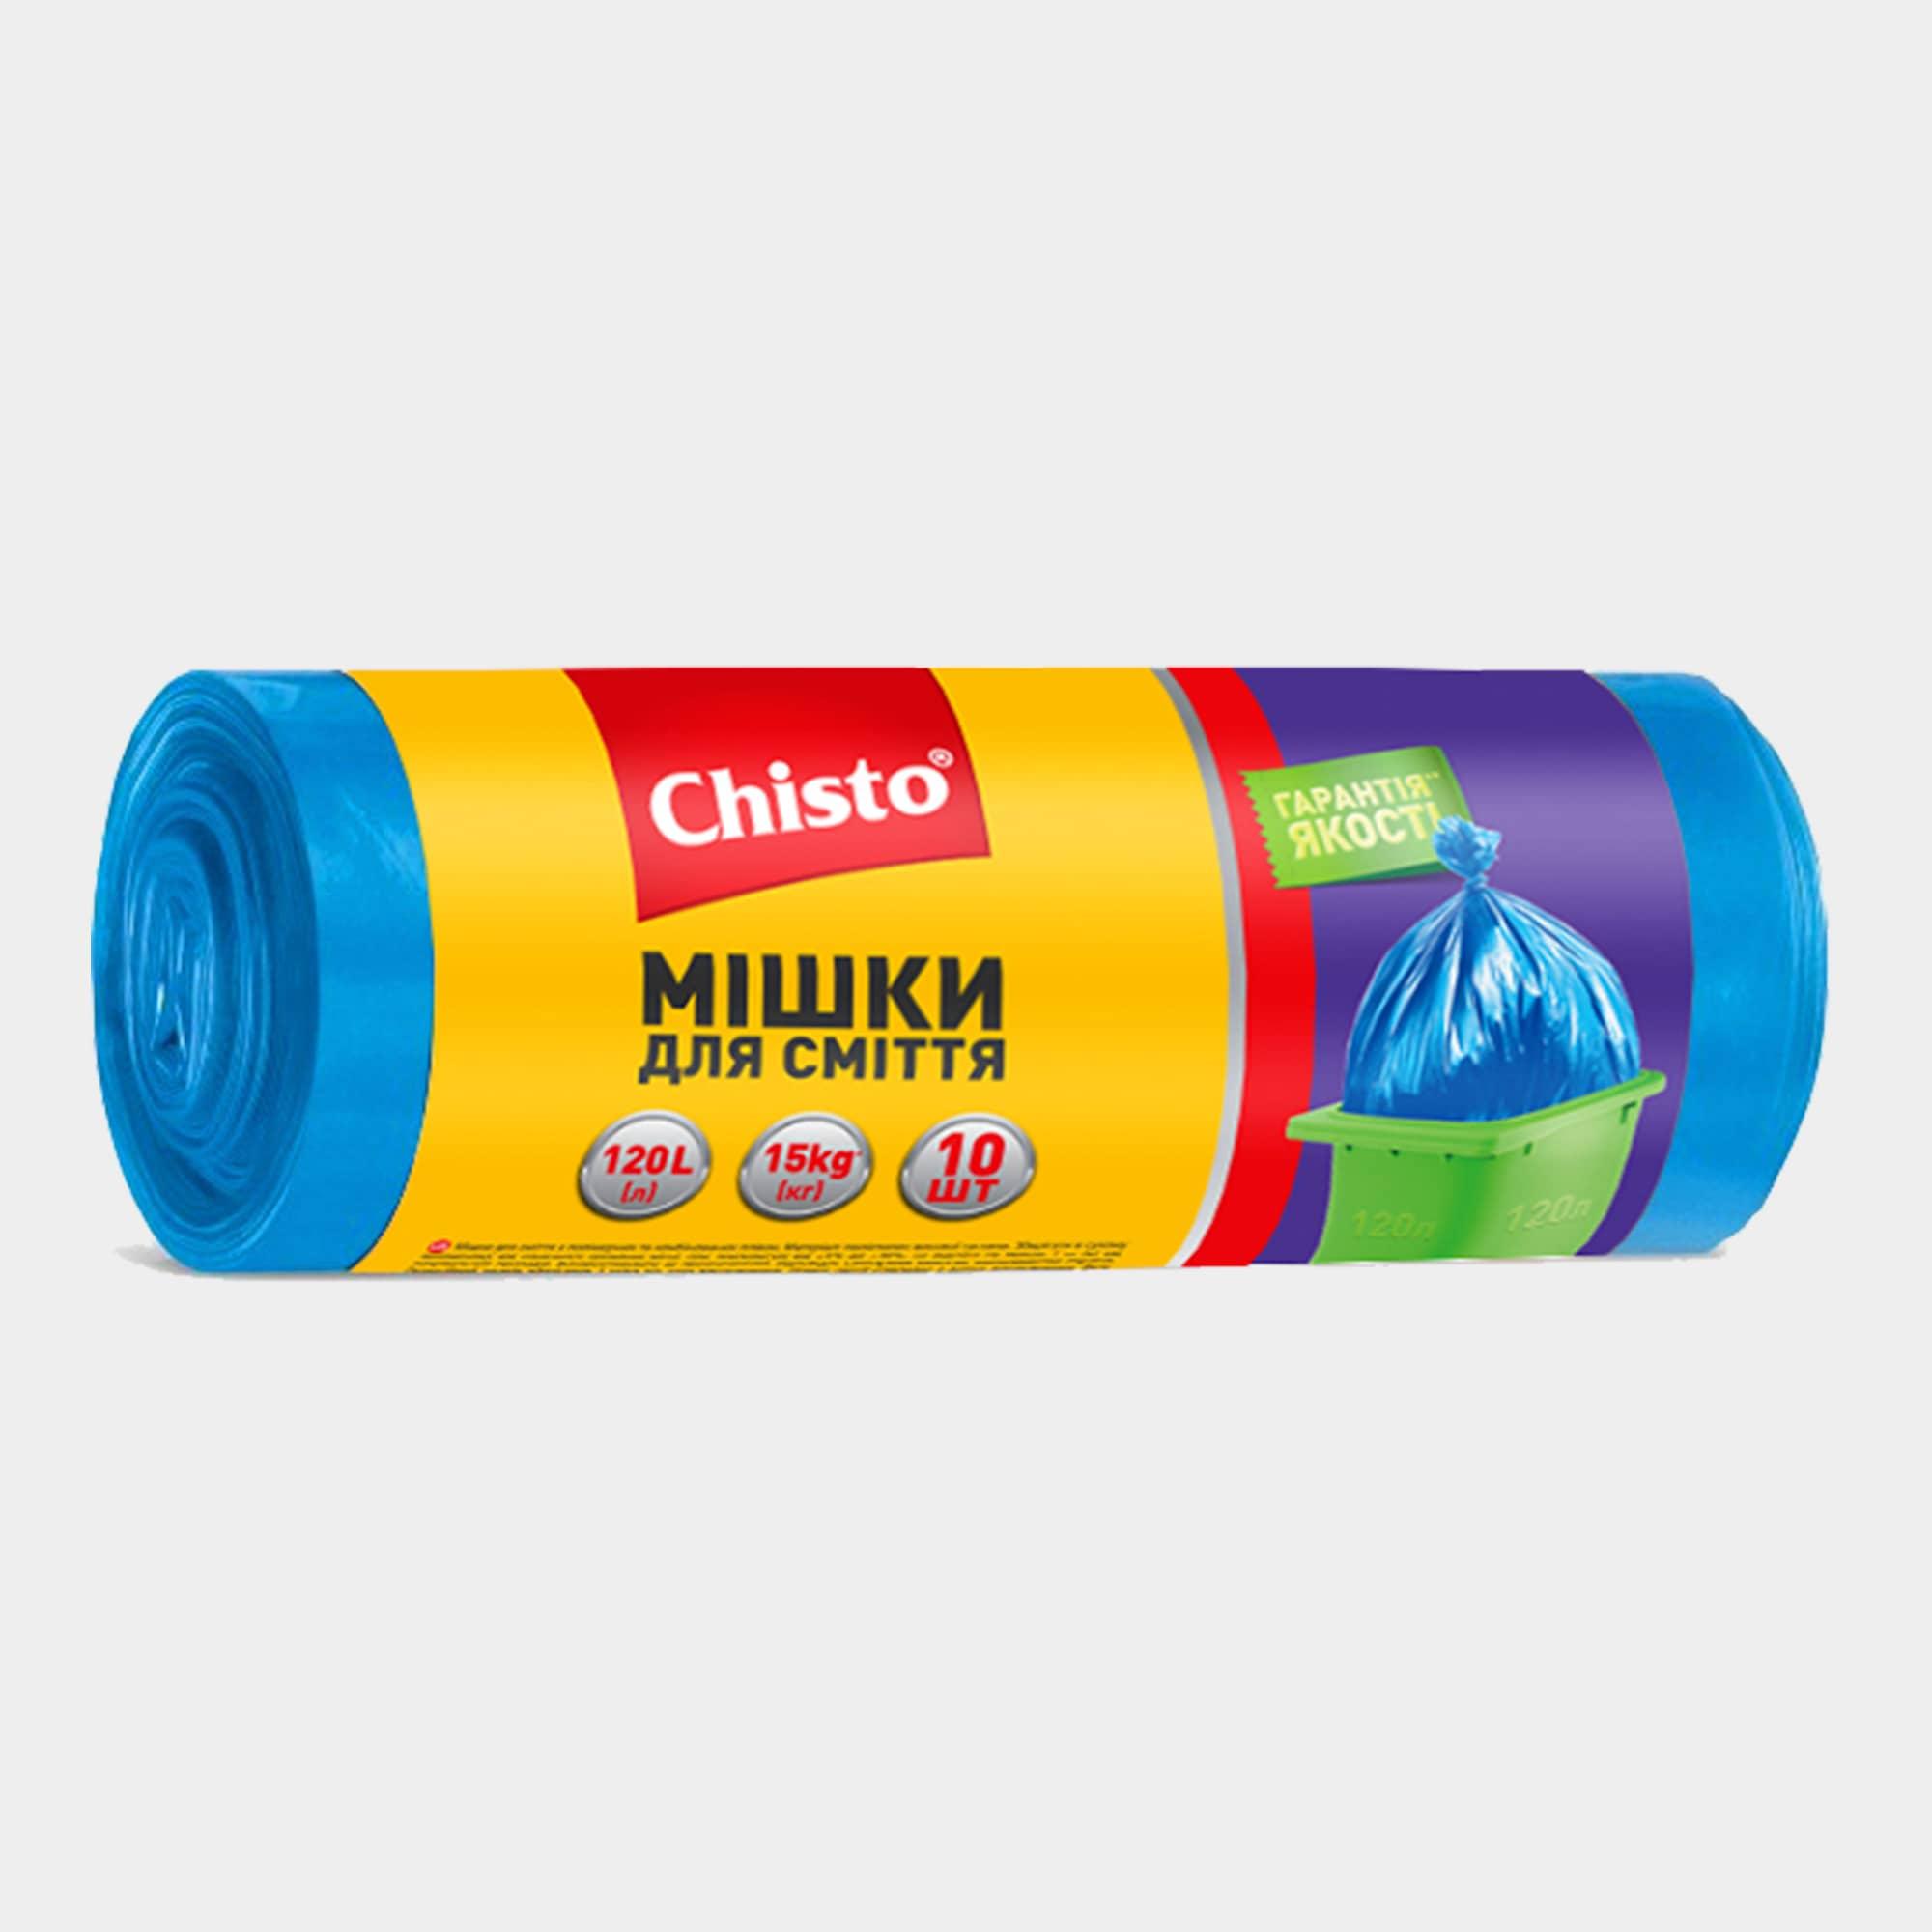 Мешки для мусора, 120л х 10шт. | Продукция ТМ Chisto